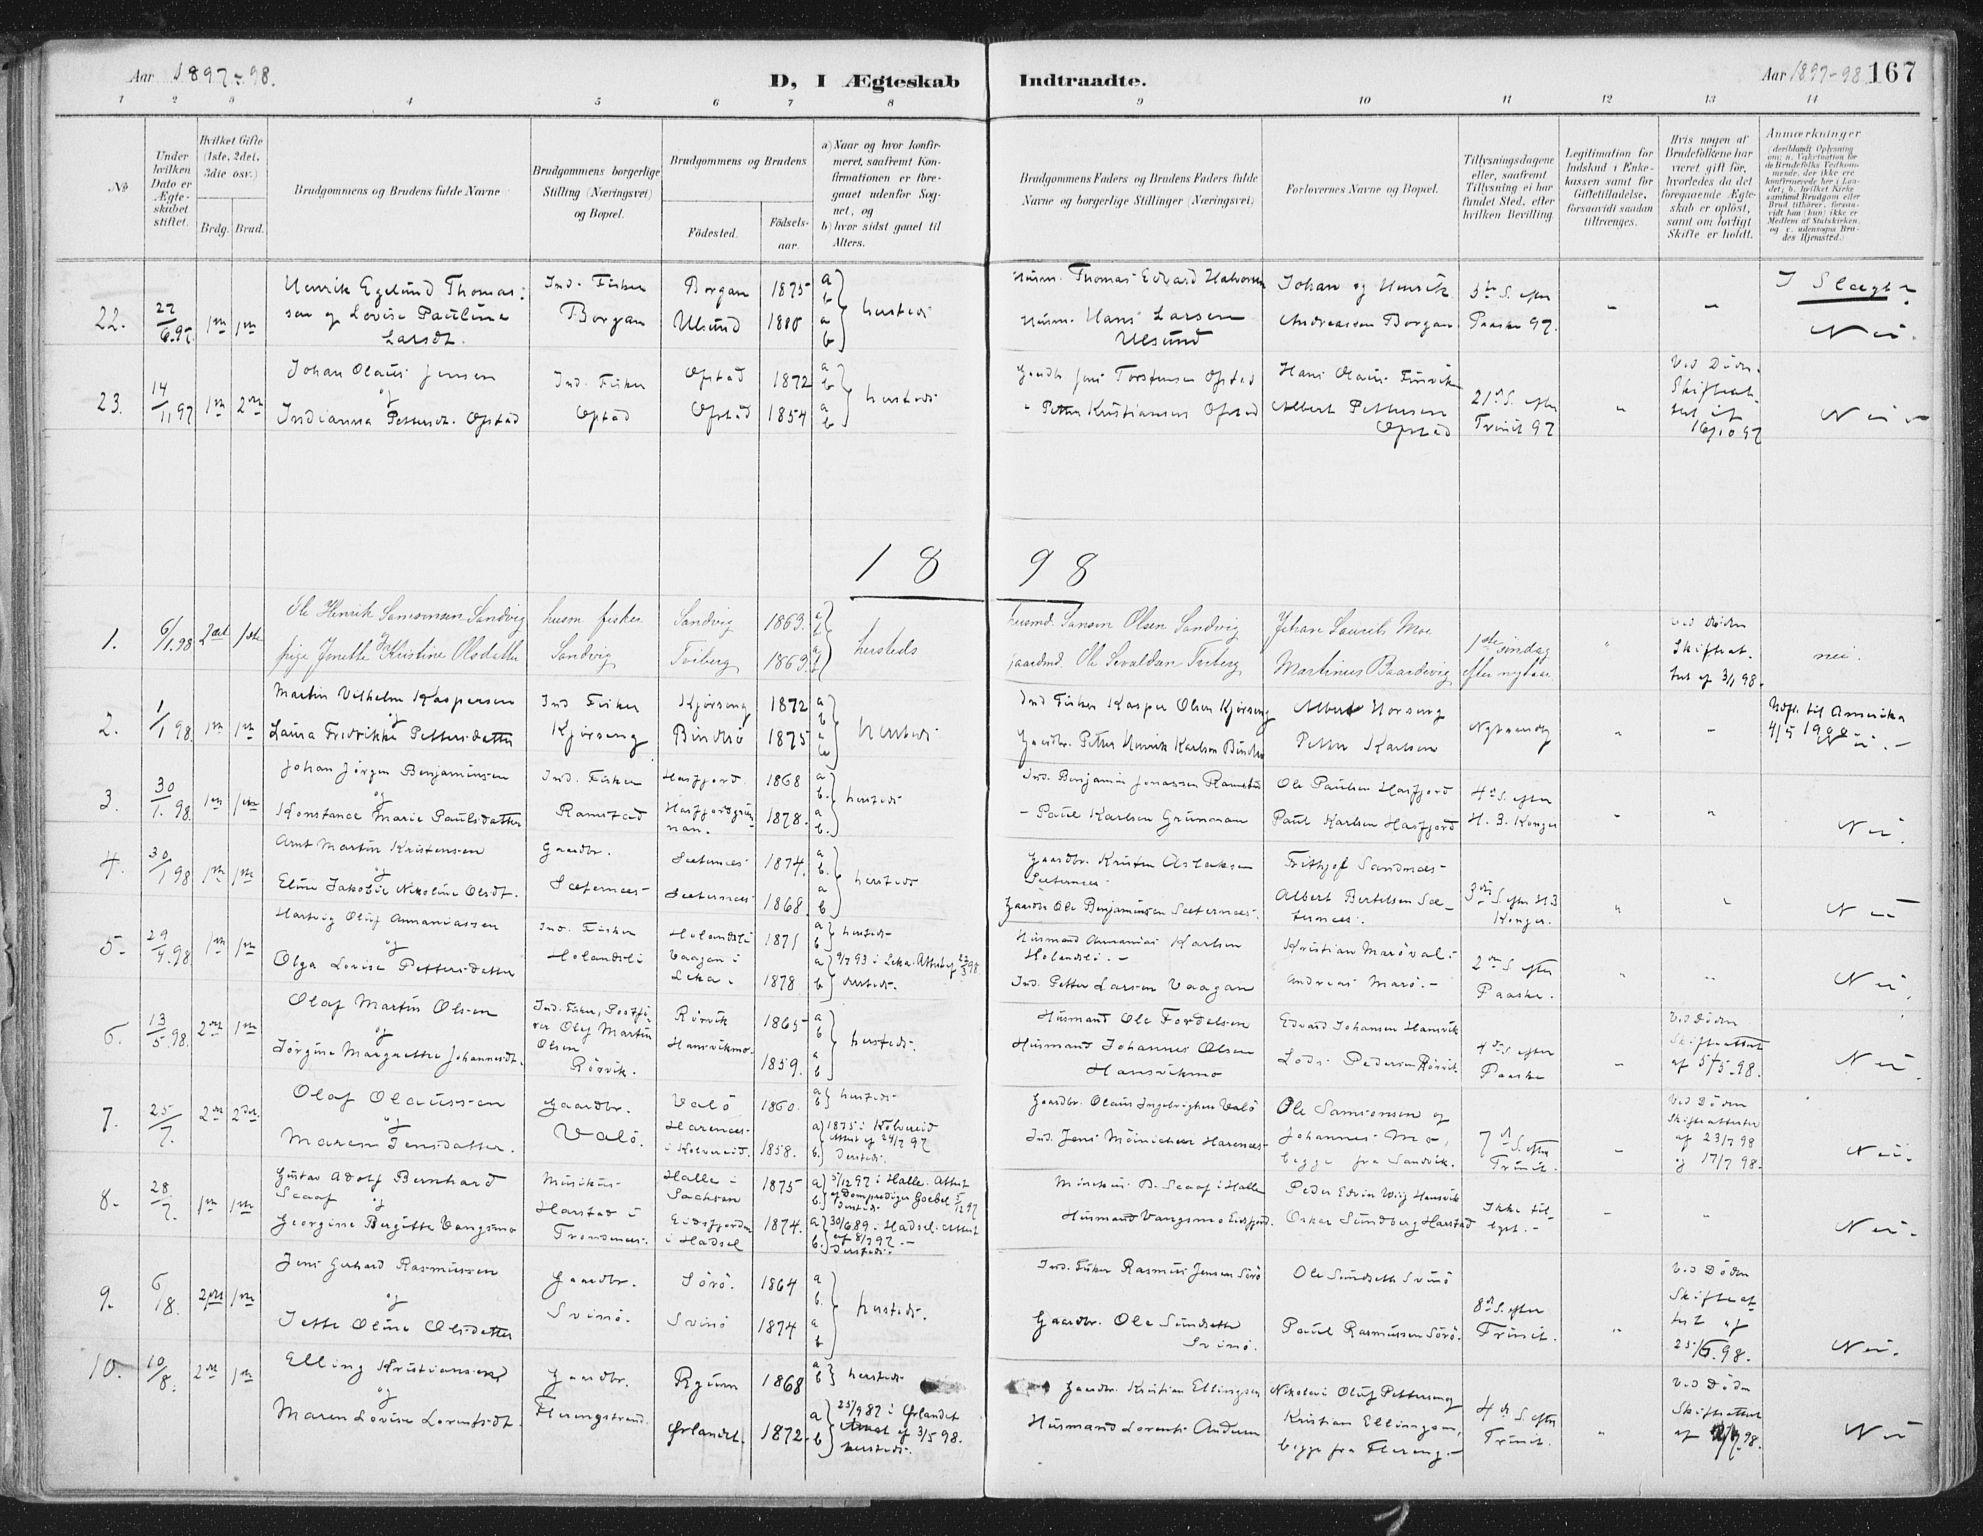 SAT, Ministerialprotokoller, klokkerbøker og fødselsregistre - Nord-Trøndelag, 786/L0687: Ministerialbok nr. 786A03, 1888-1898, s. 167